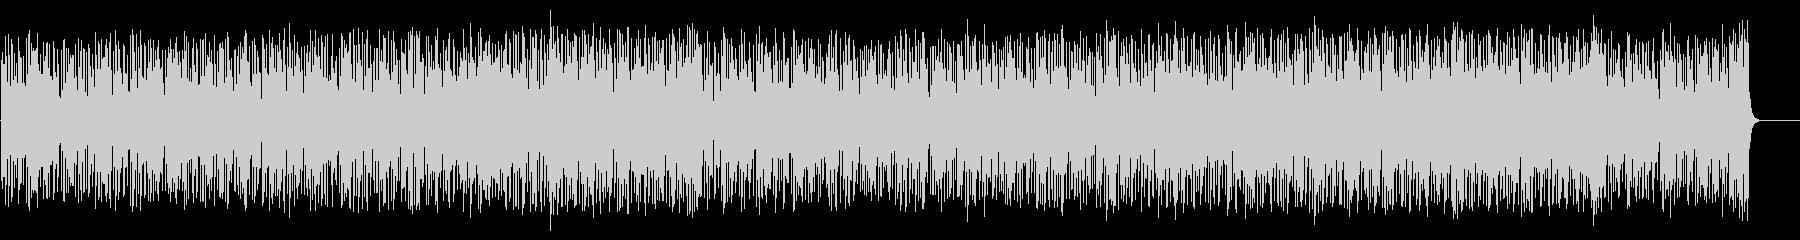 リラックスなフュージョン(フルサイズ)の未再生の波形